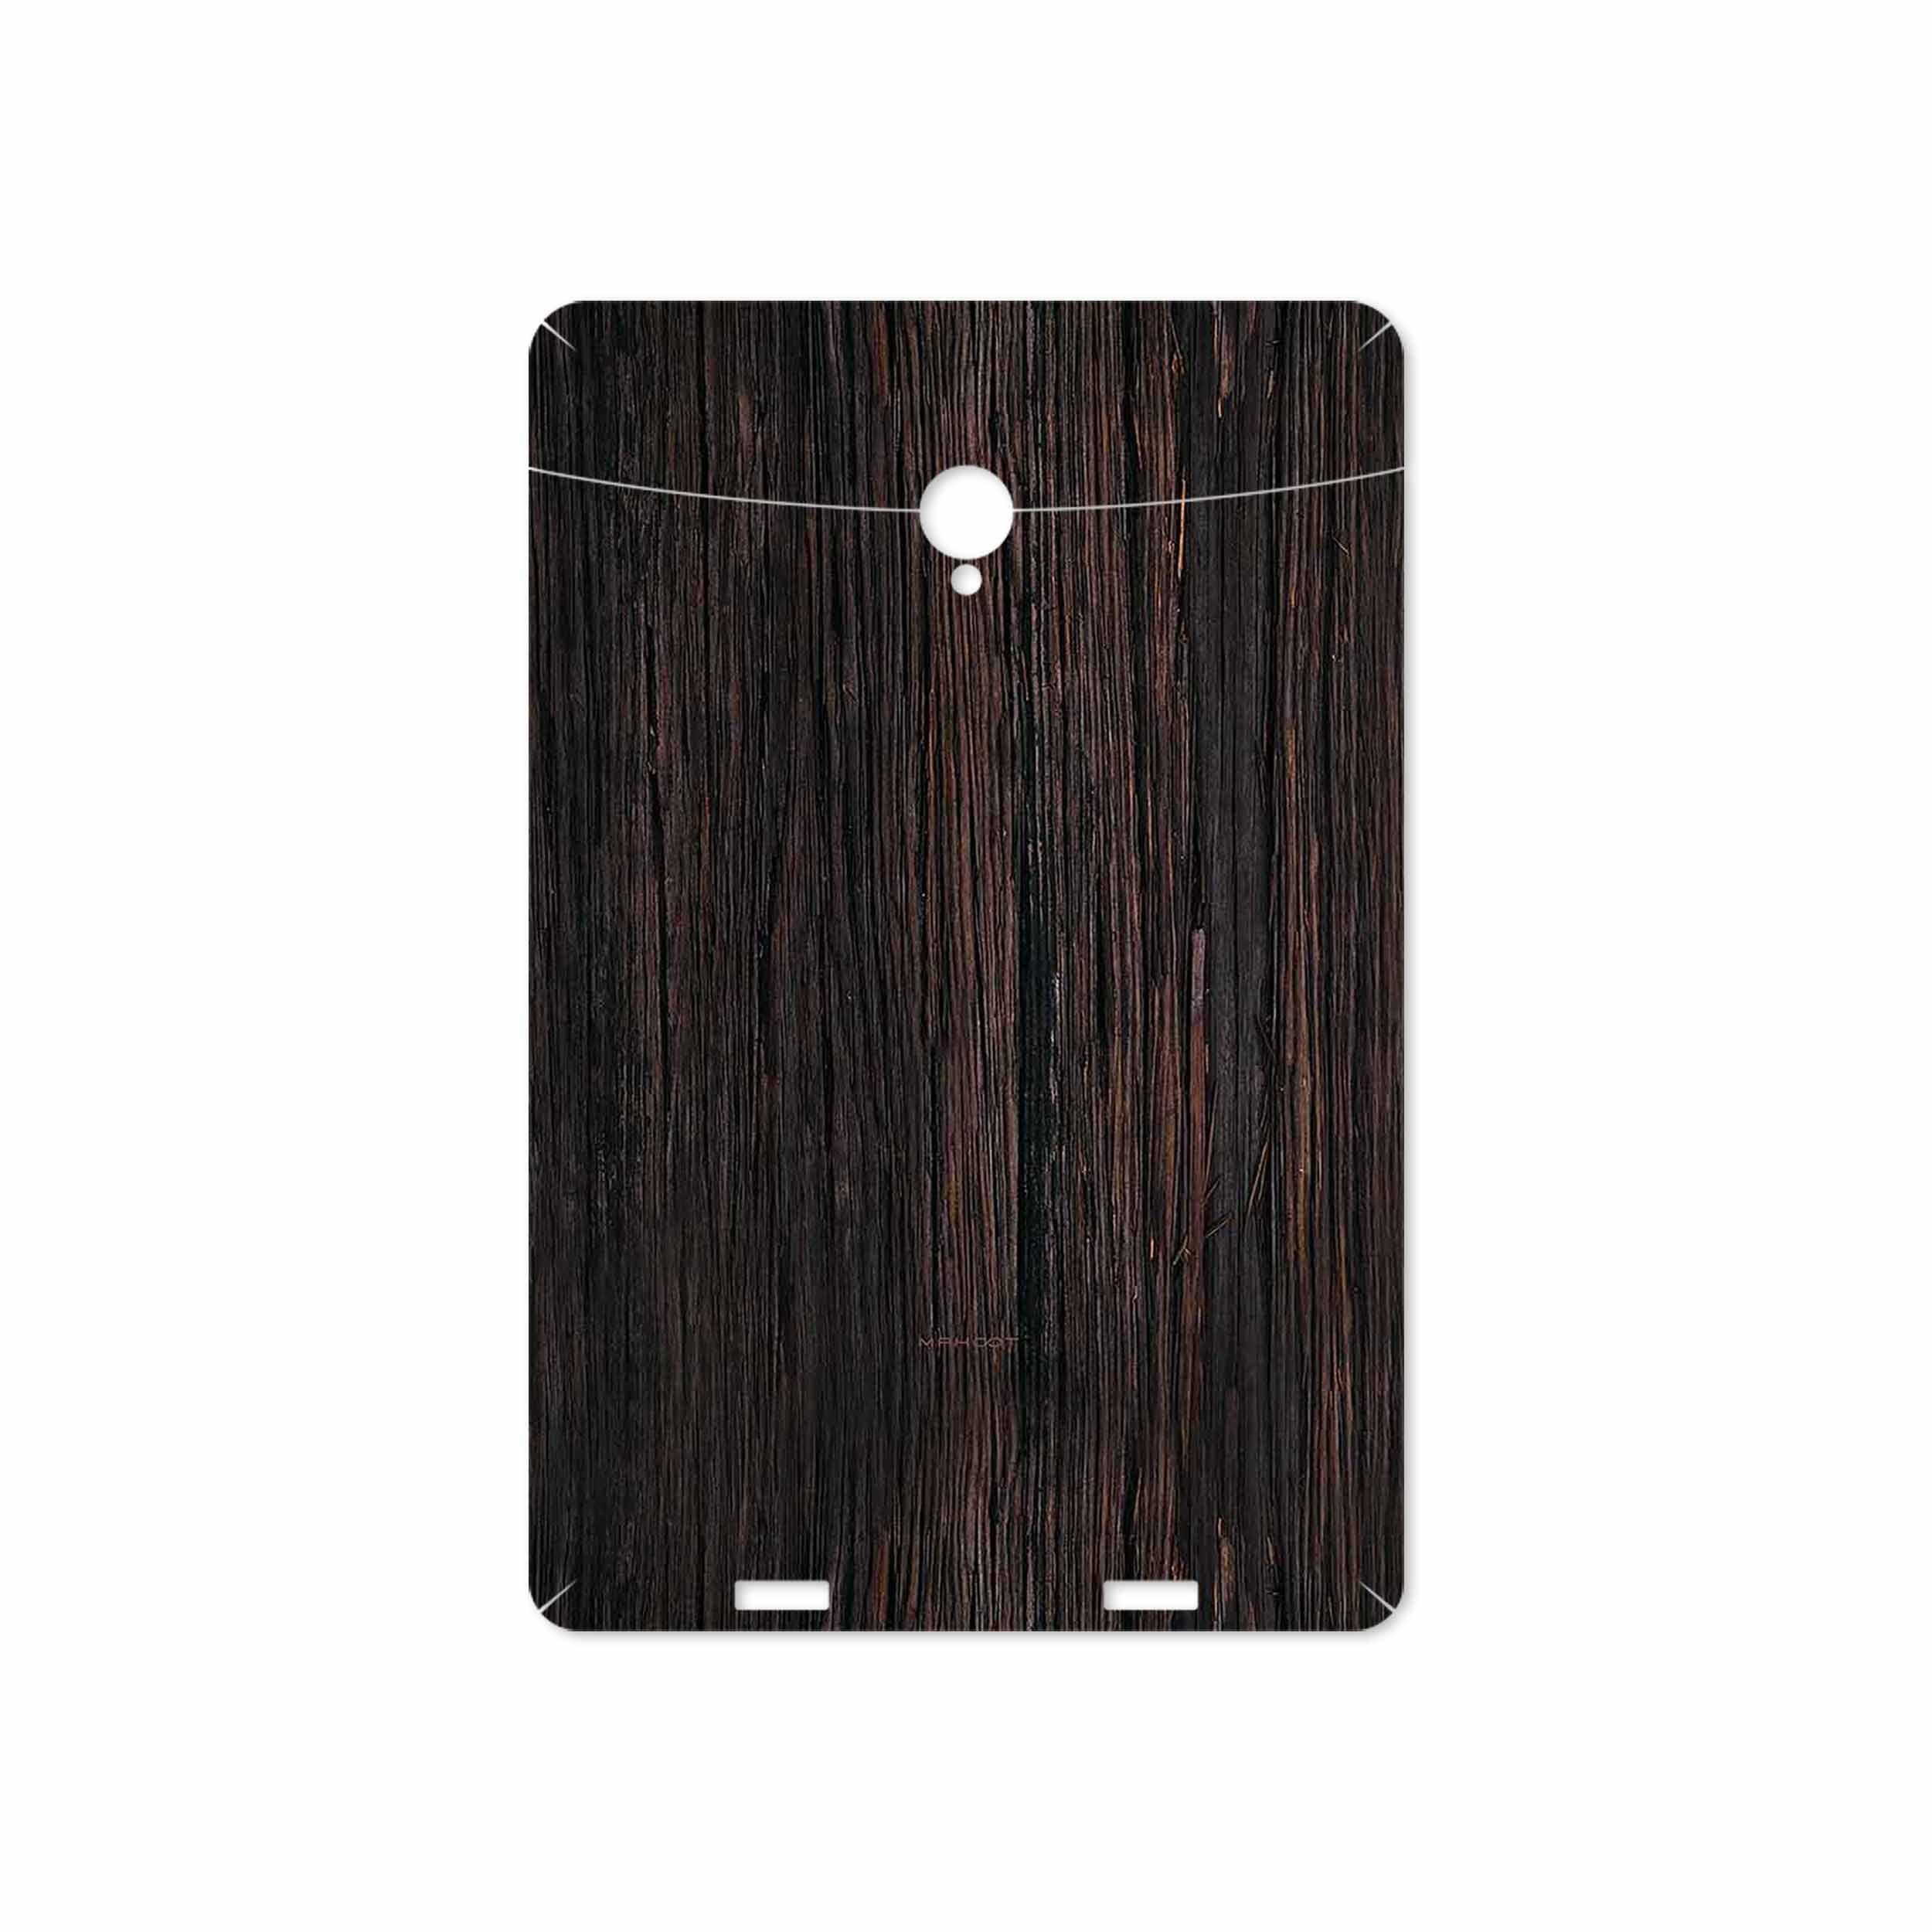 بررسی و خرید [با تخفیف]                                     برچسب پوششی ماهوت مدل Burned Wood مناسب برای تبلت وریکو Unipad                             اورجینال